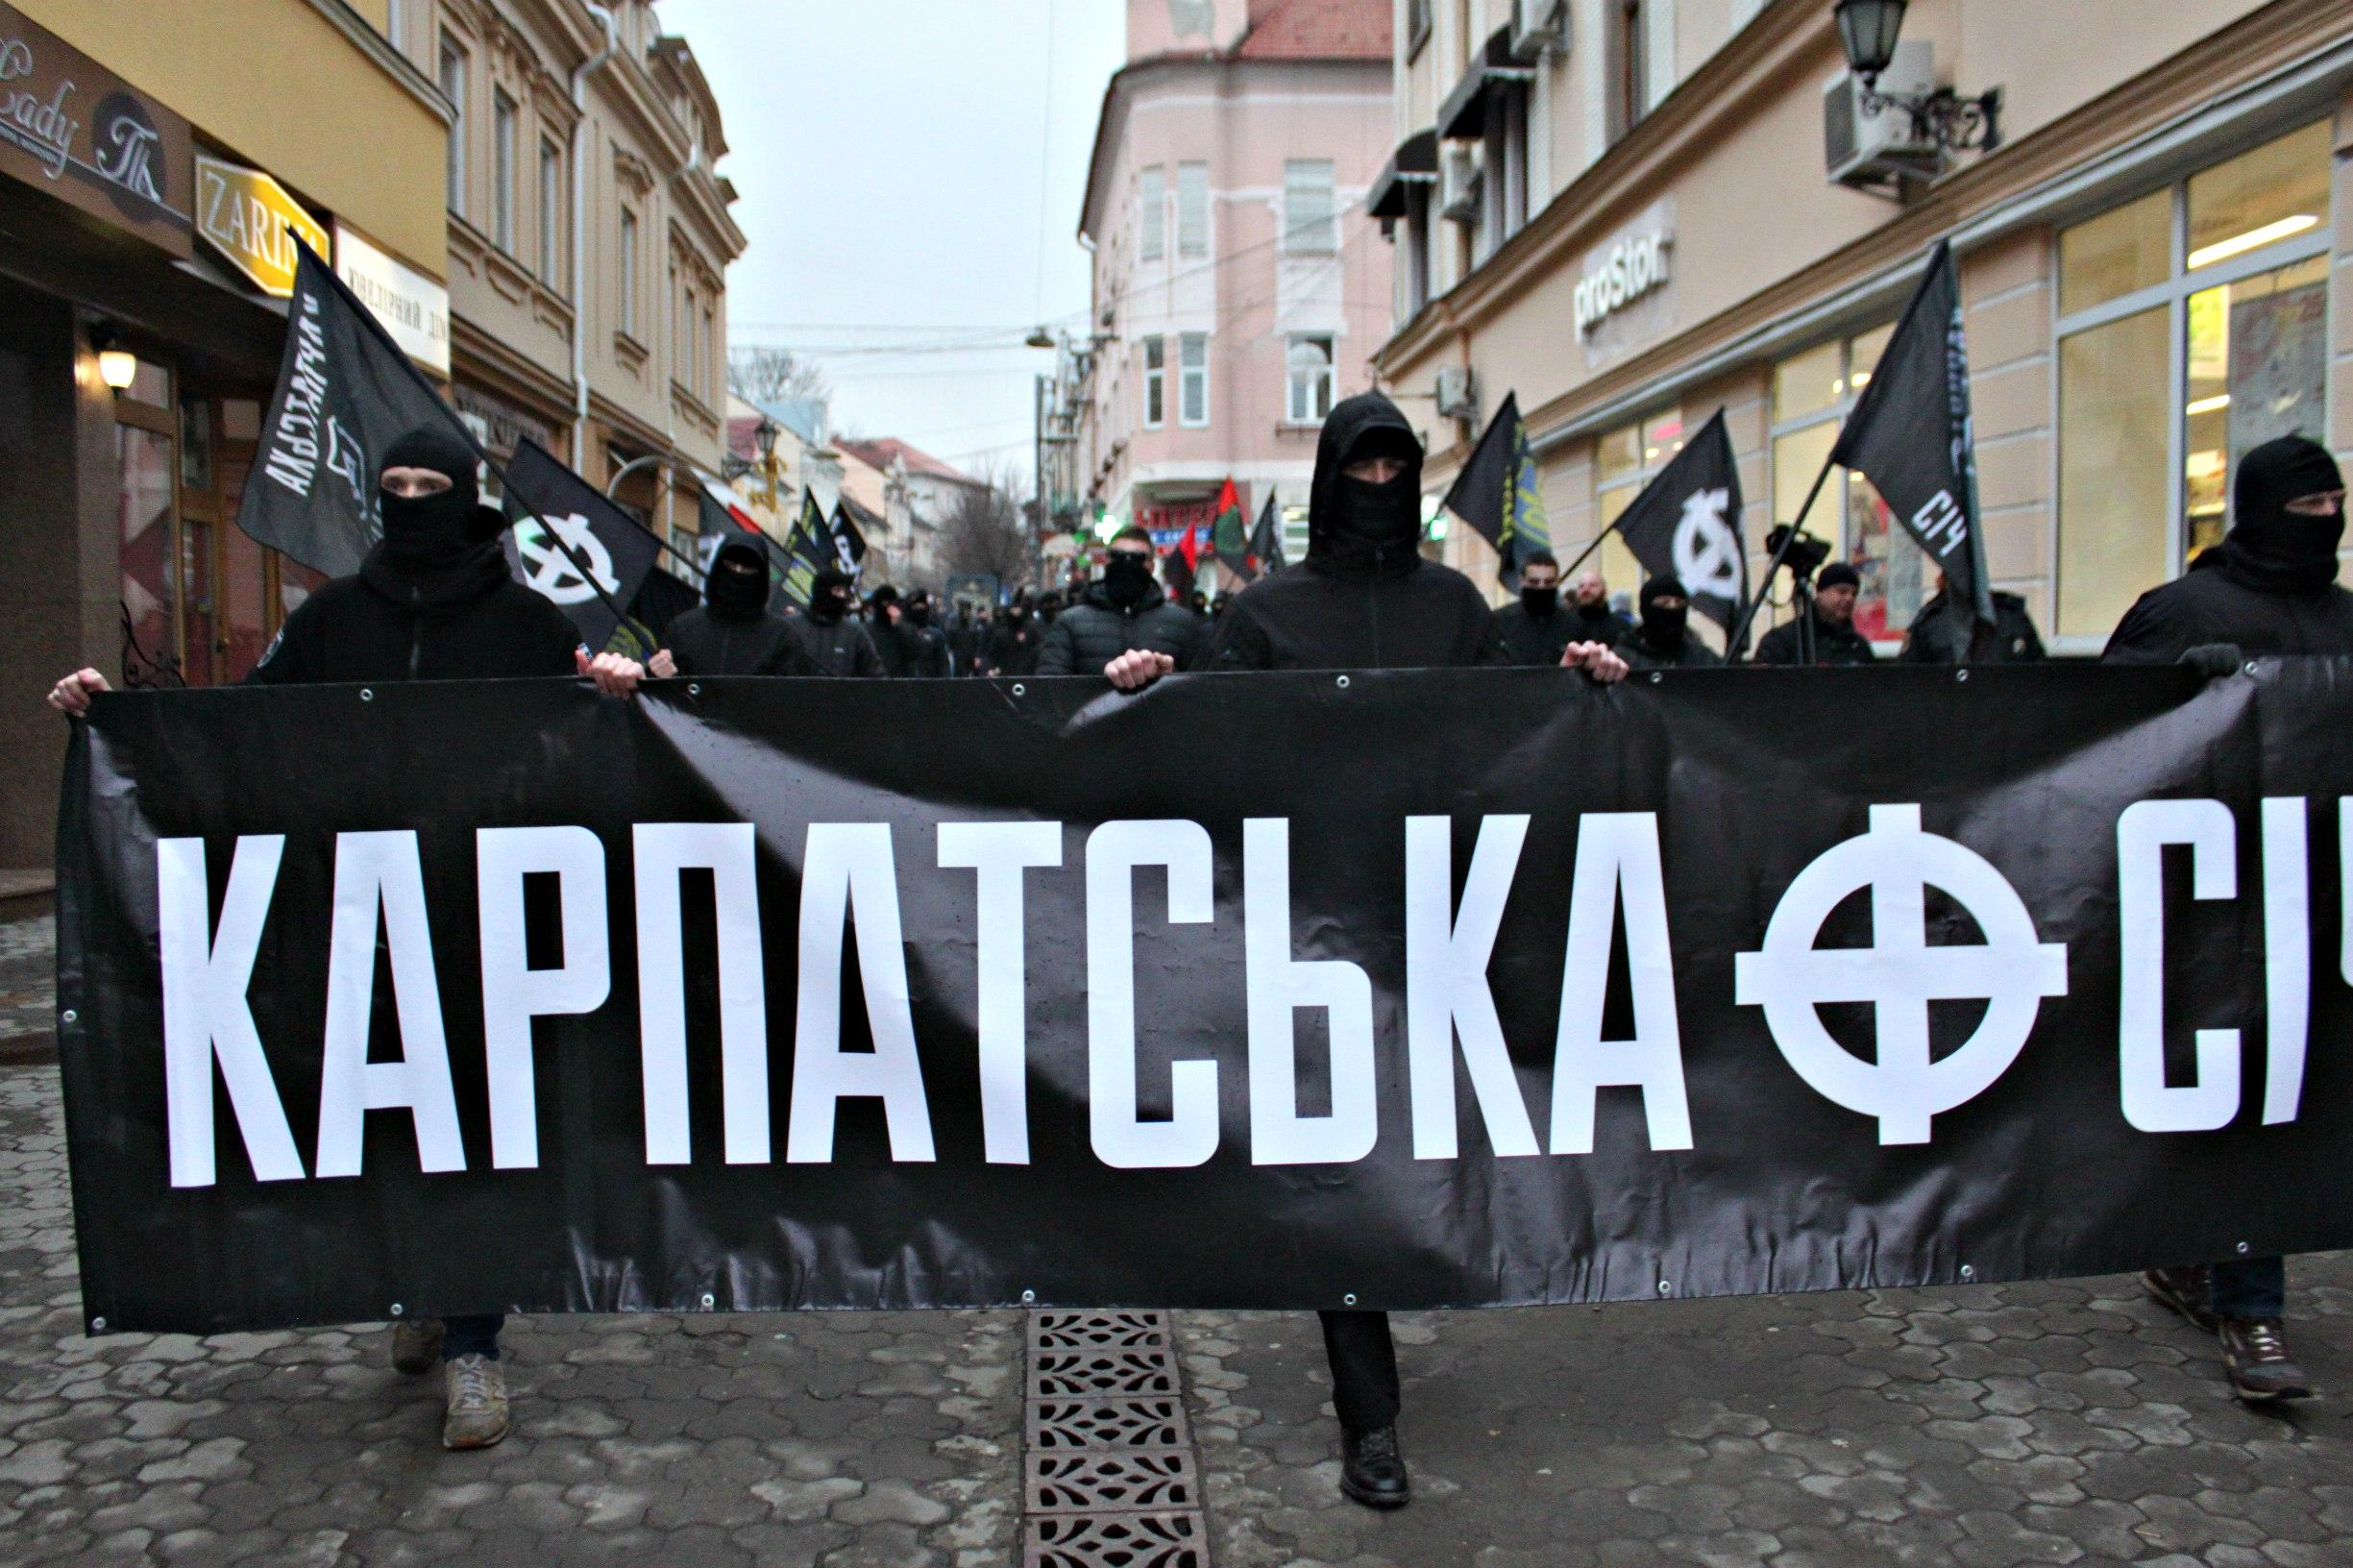 Karpatszka Szics felvonulása Ungváron, képanyag: 64 kép Zi3NRCJCnRo